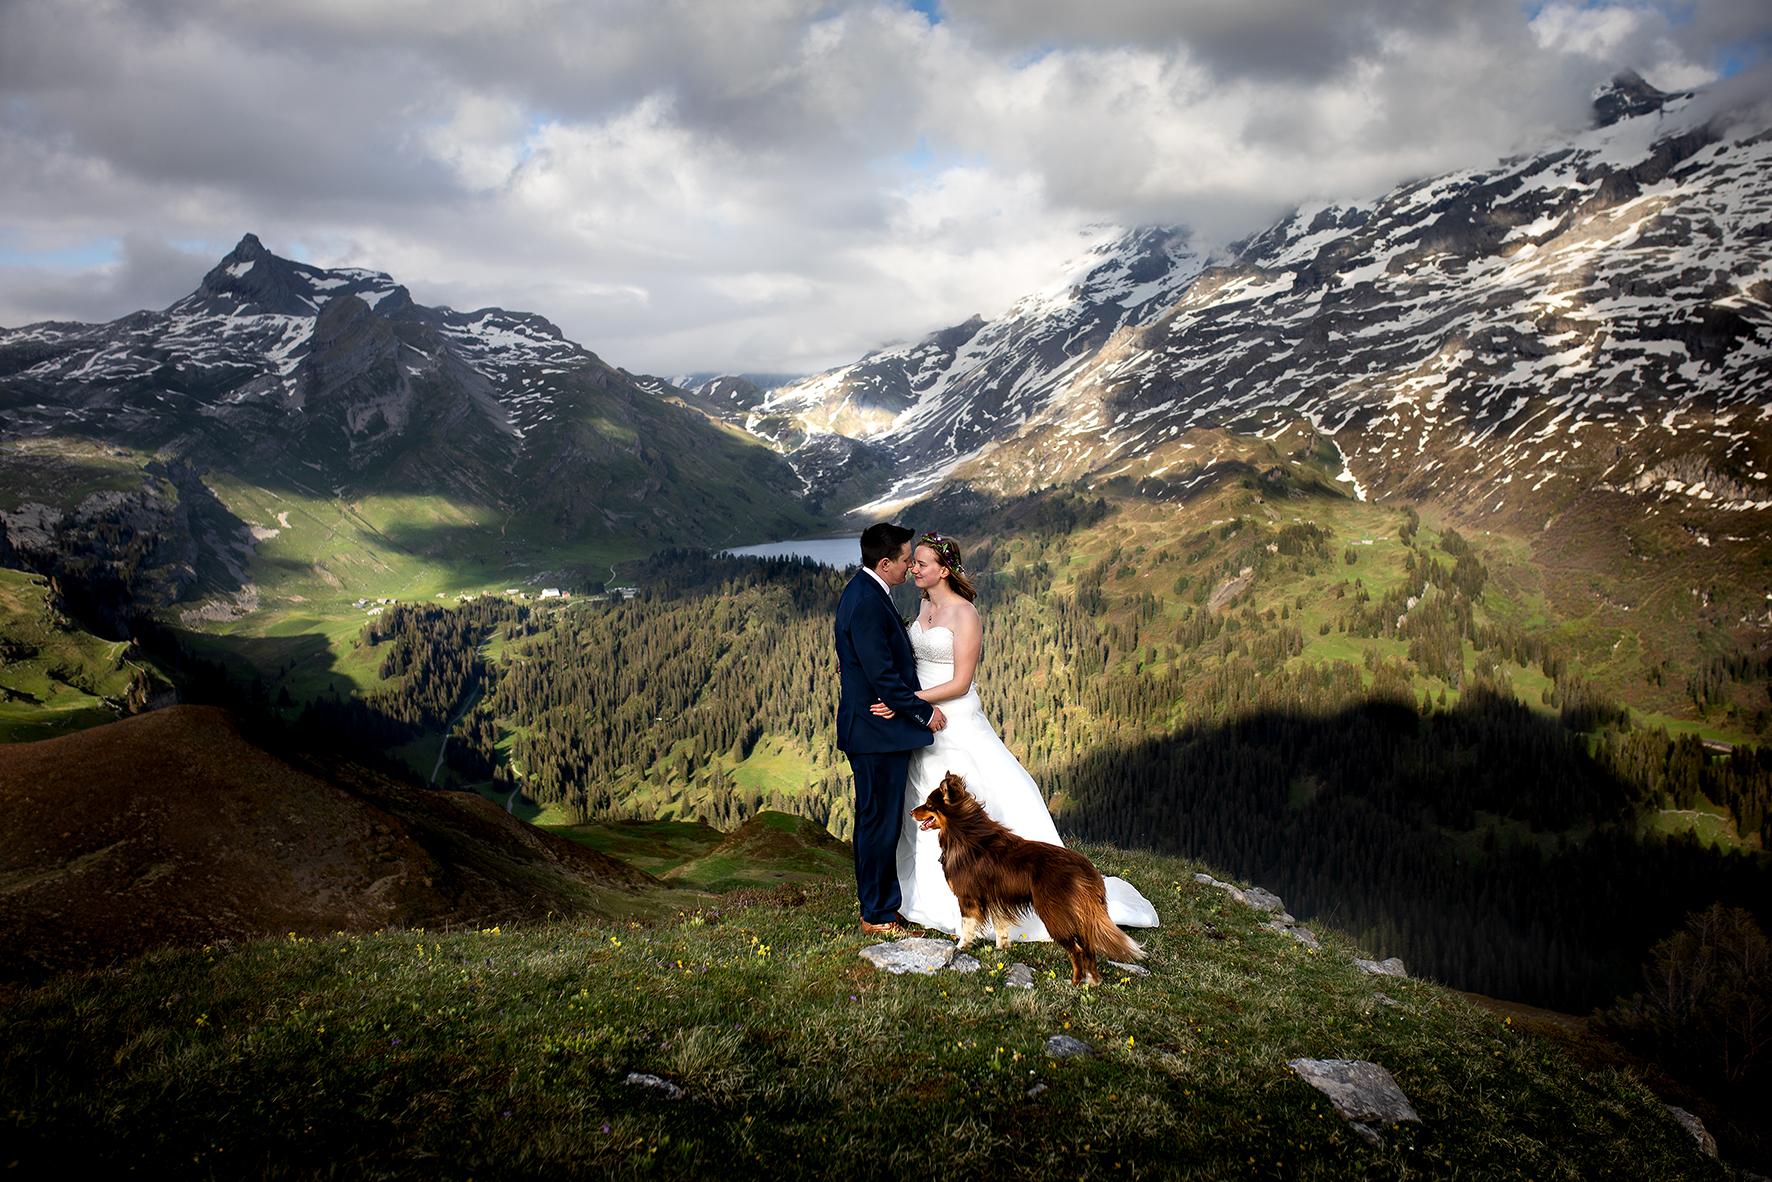 Eine Trauzeremonie während einem Elopement in den Schweizer Bergen. Im Hintergrund die Engstlenalp, der Engstlensee und der Jochpass. Braut und Bräutigam geben sich das Jawort bei einer intimen Hochzeitsfeier nur zu Zweit auf der Melchsee Frutt. Bei der Hochzeit dabei ist ihr Hund, ein Australian Shepherd.